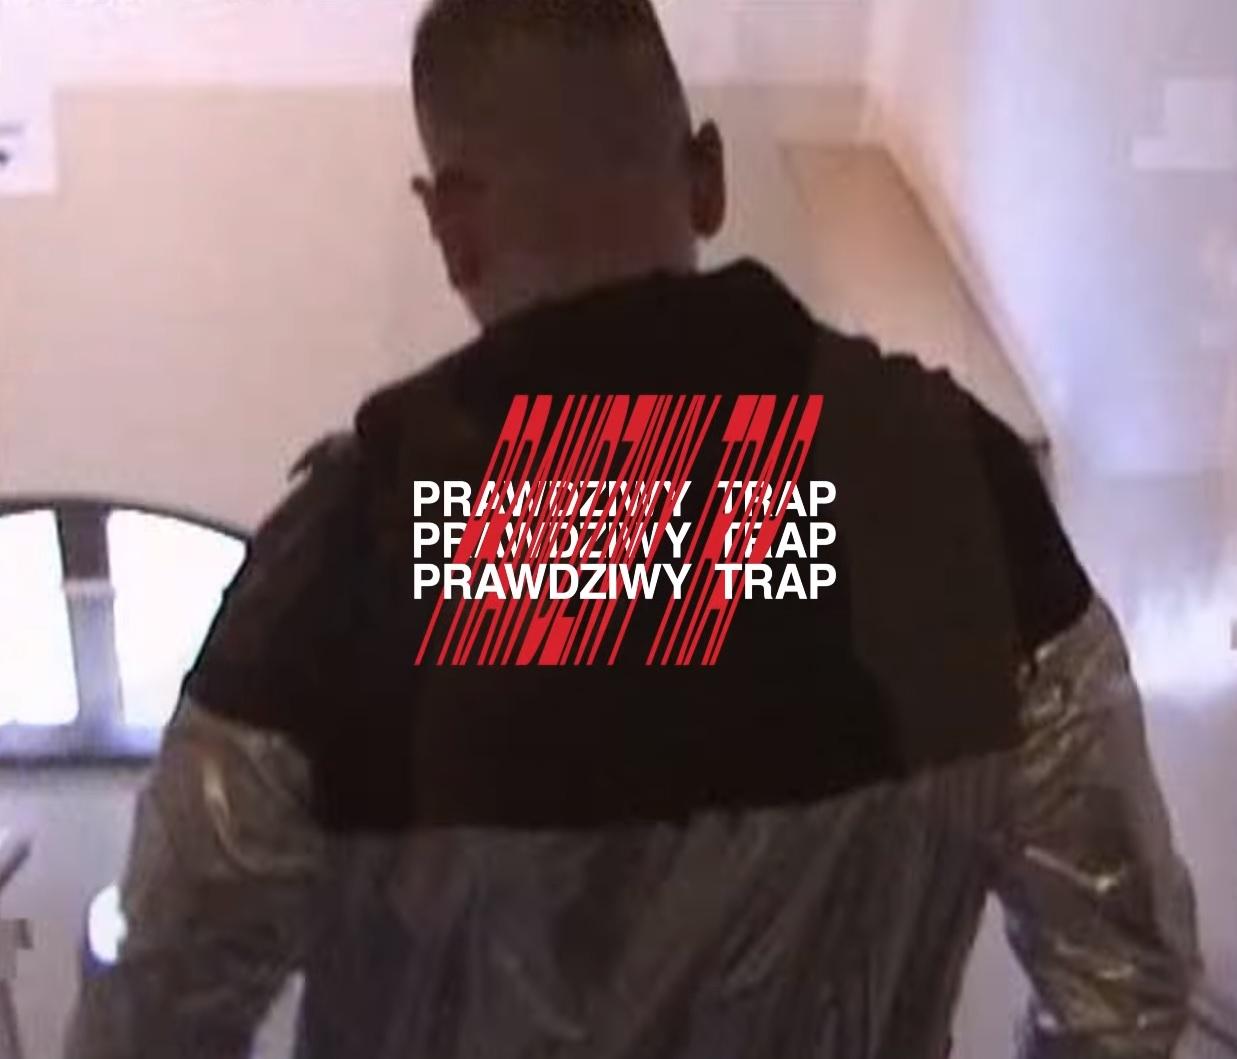 Prawdziwy Trap || Nowy klip od Białasa i Lanka!